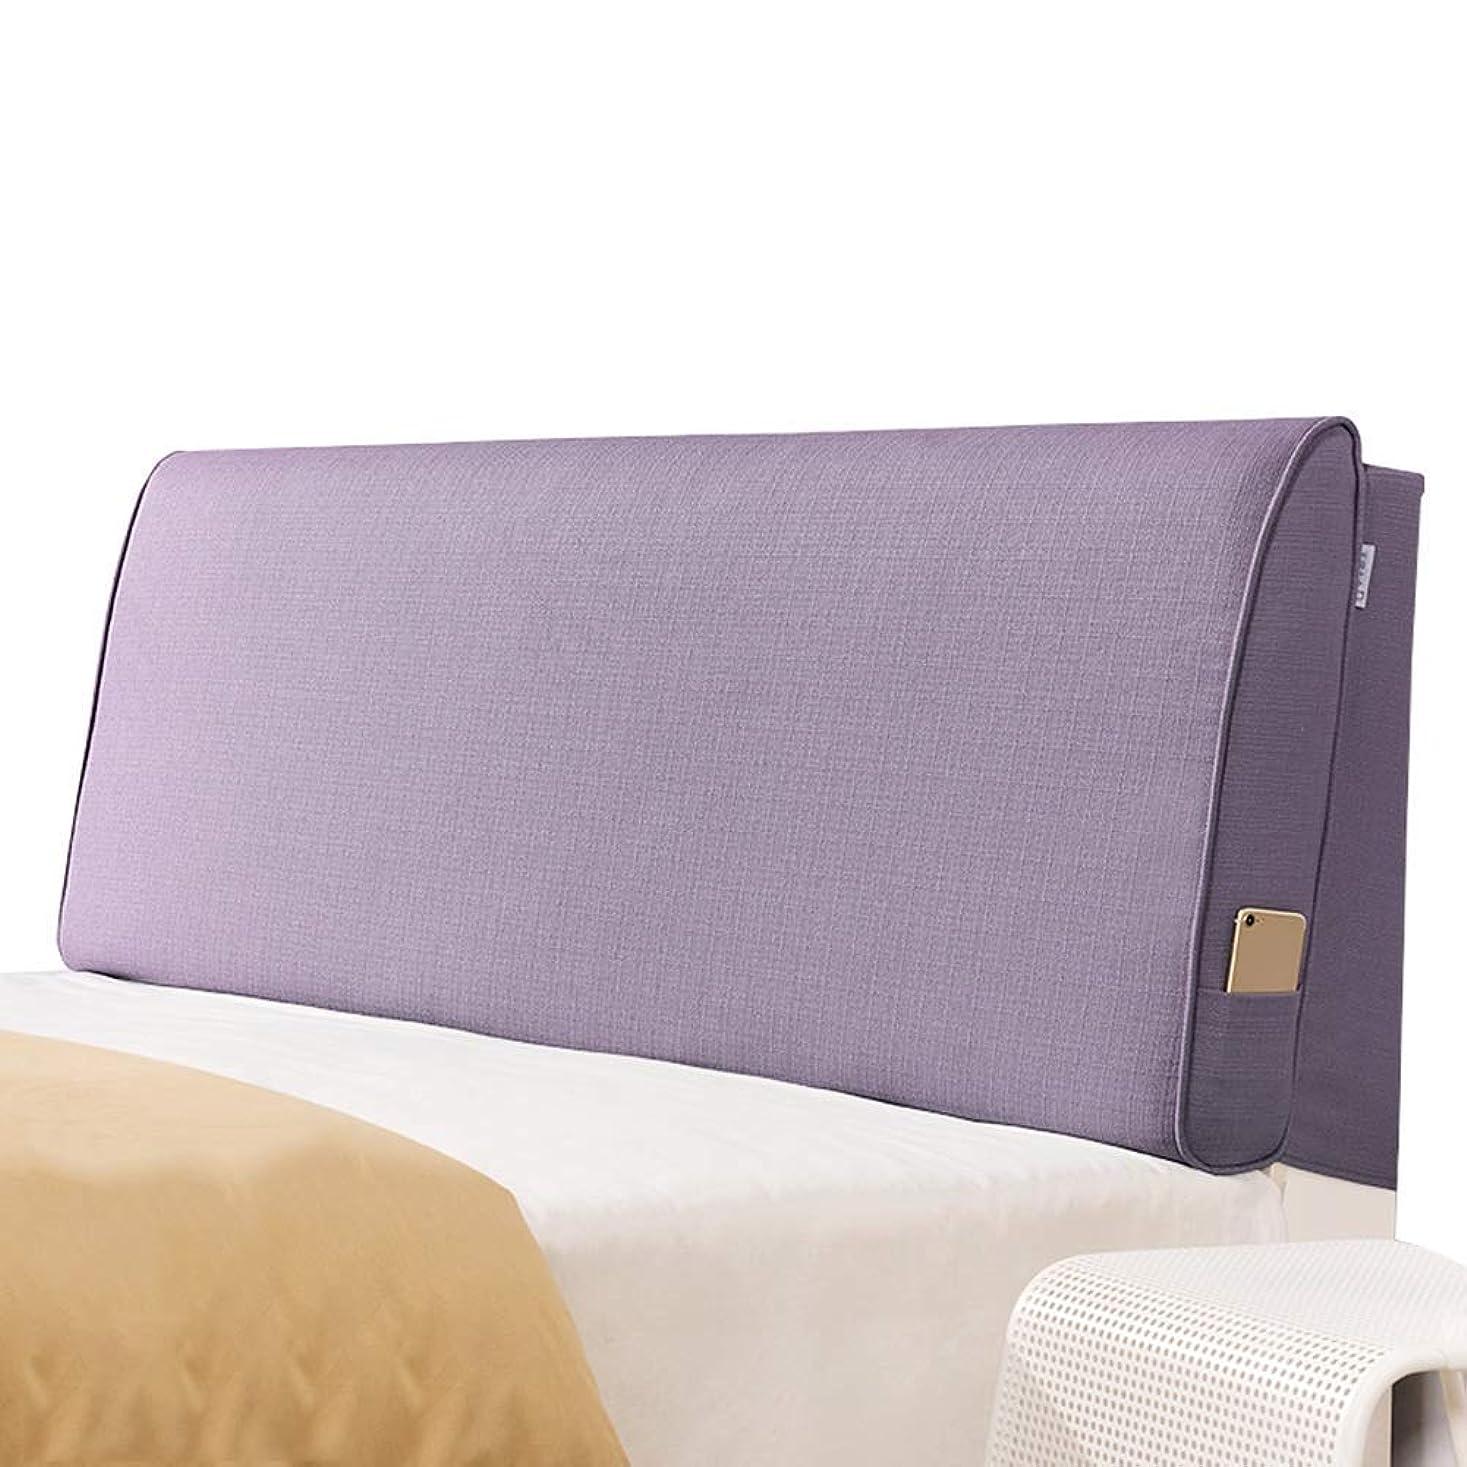 蜂続編ポーターWZBヘッドボードクッションソフトシンプルな環境に優しいスポンジ、きれいなウエスト、4色、5サイズをサポート(色:A紫、サイズ:200x60x10cm)